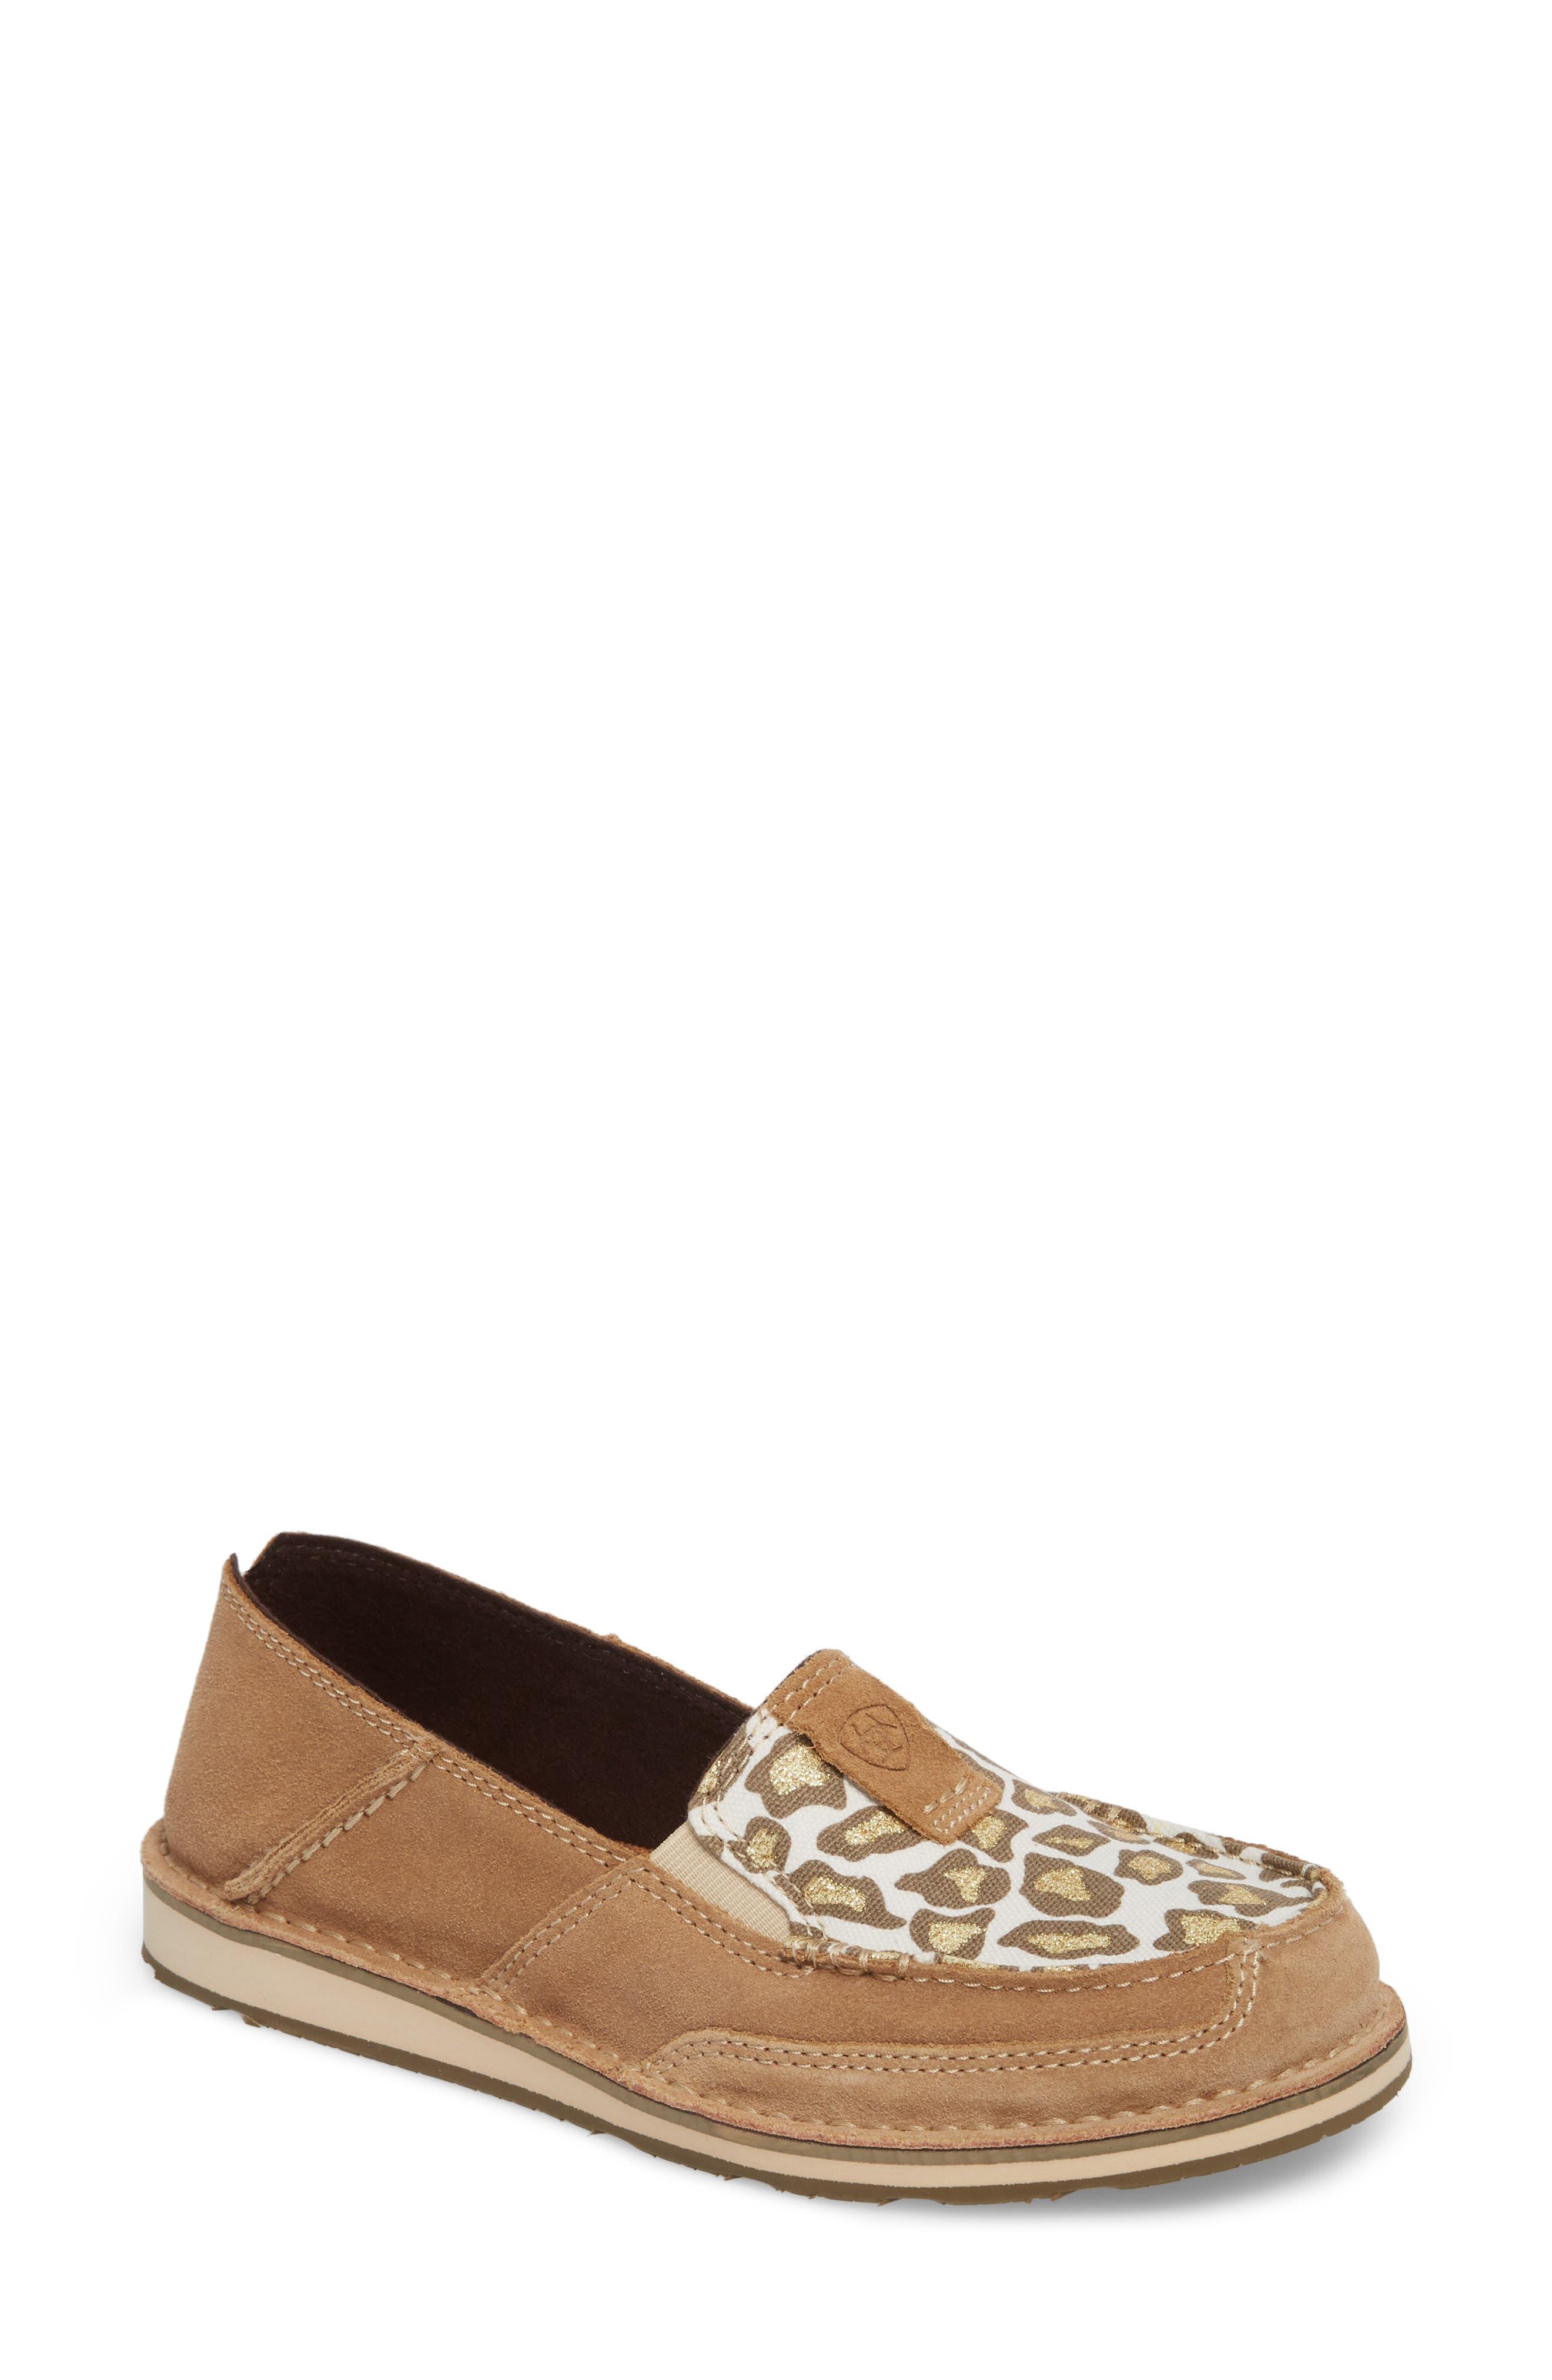 Alternate Image 1 Selected - Ariat Cruiser Slip-On Loafer (Women)